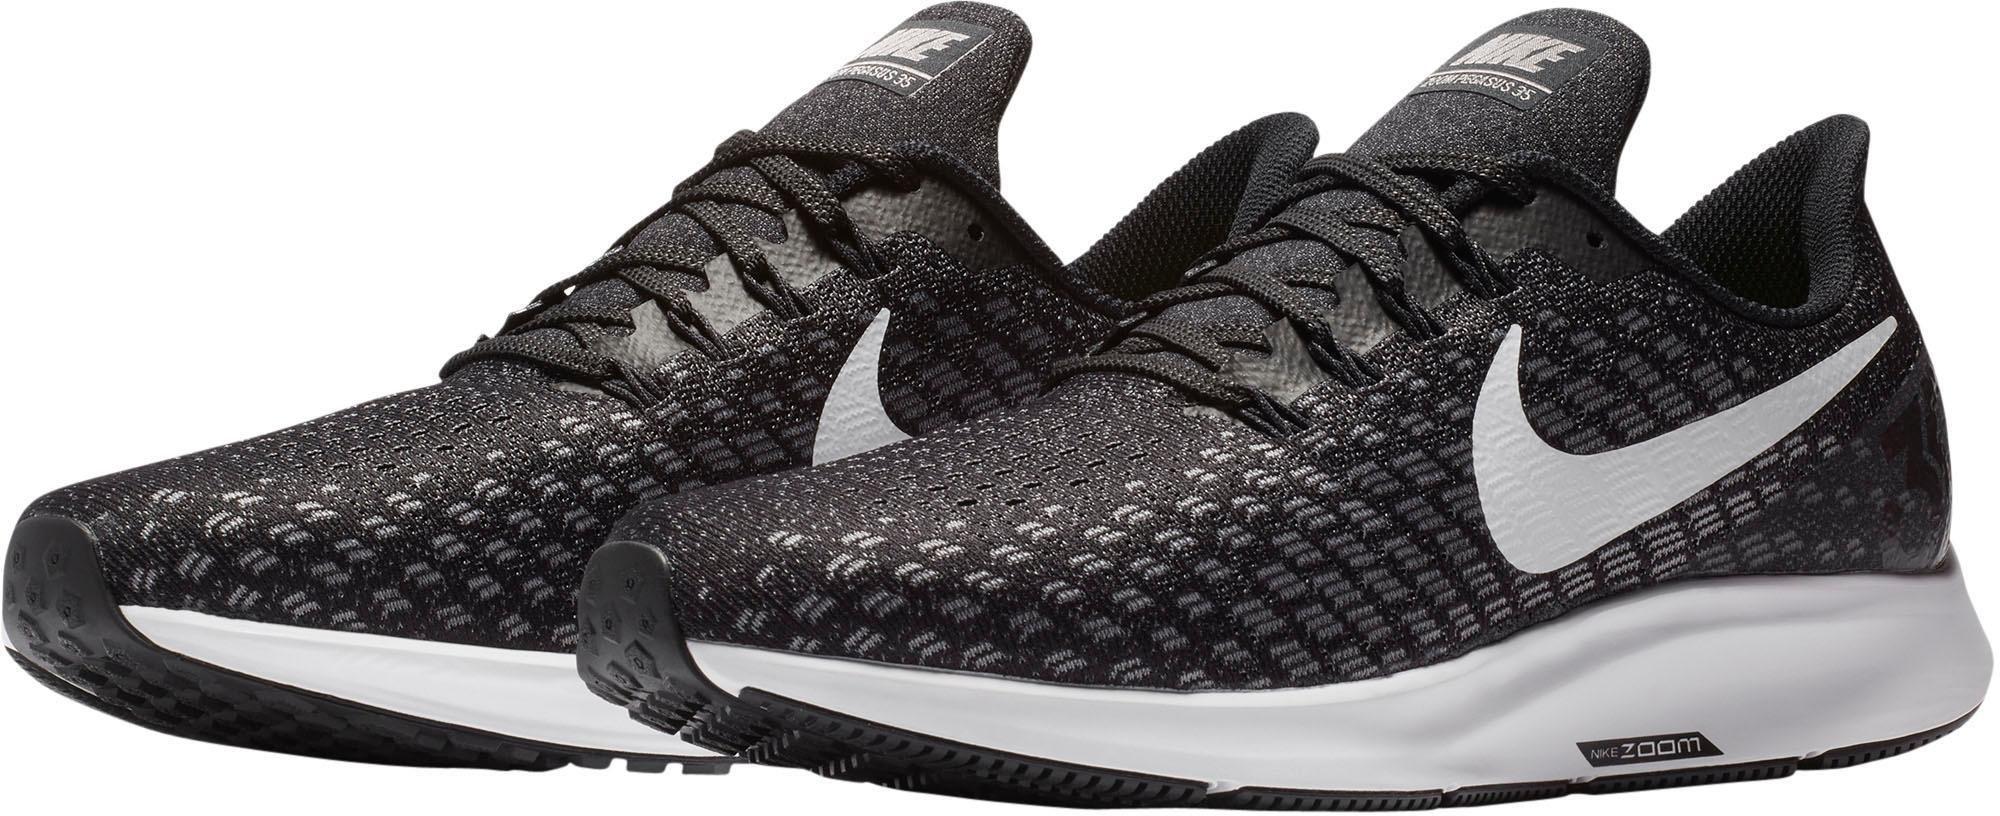 Nike runningschoenen »Air Zoom Pegasus 35« bestellen: 14 dagen bedenktijd